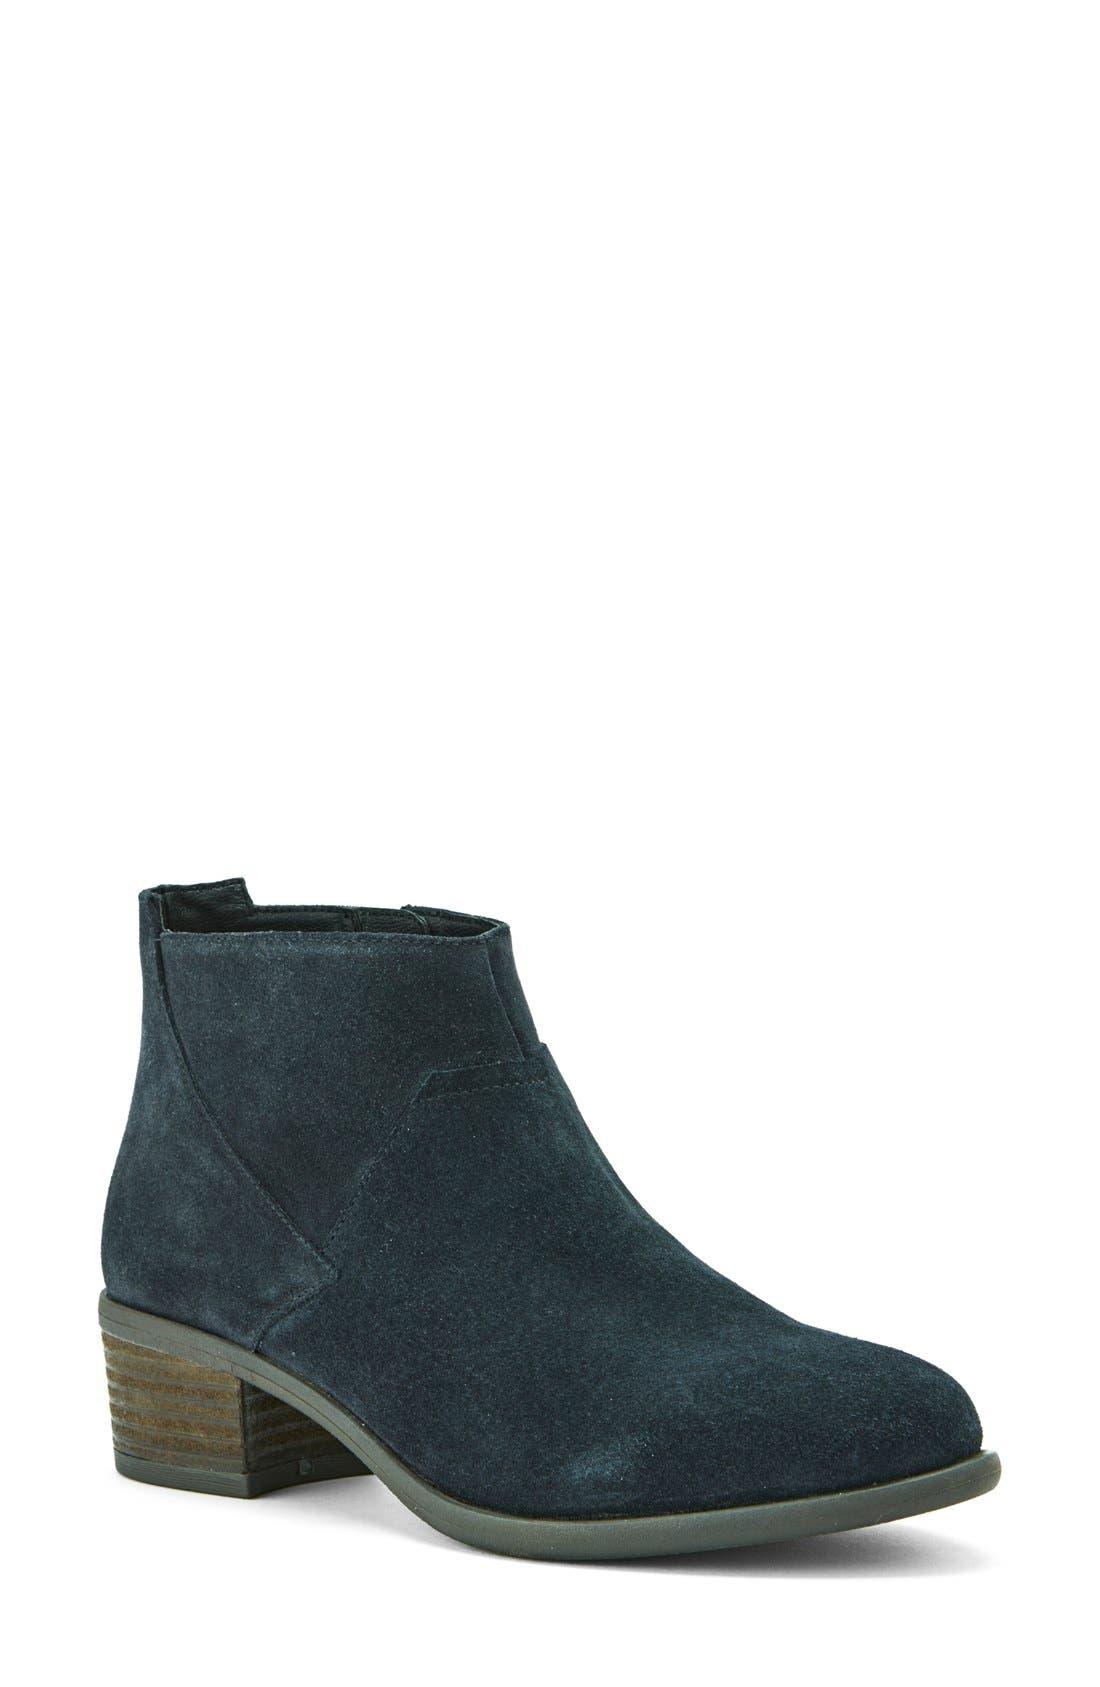 Alternate Image 1 Selected - Blondo 'Maddie' Waterproof Ankle Boot (Women)